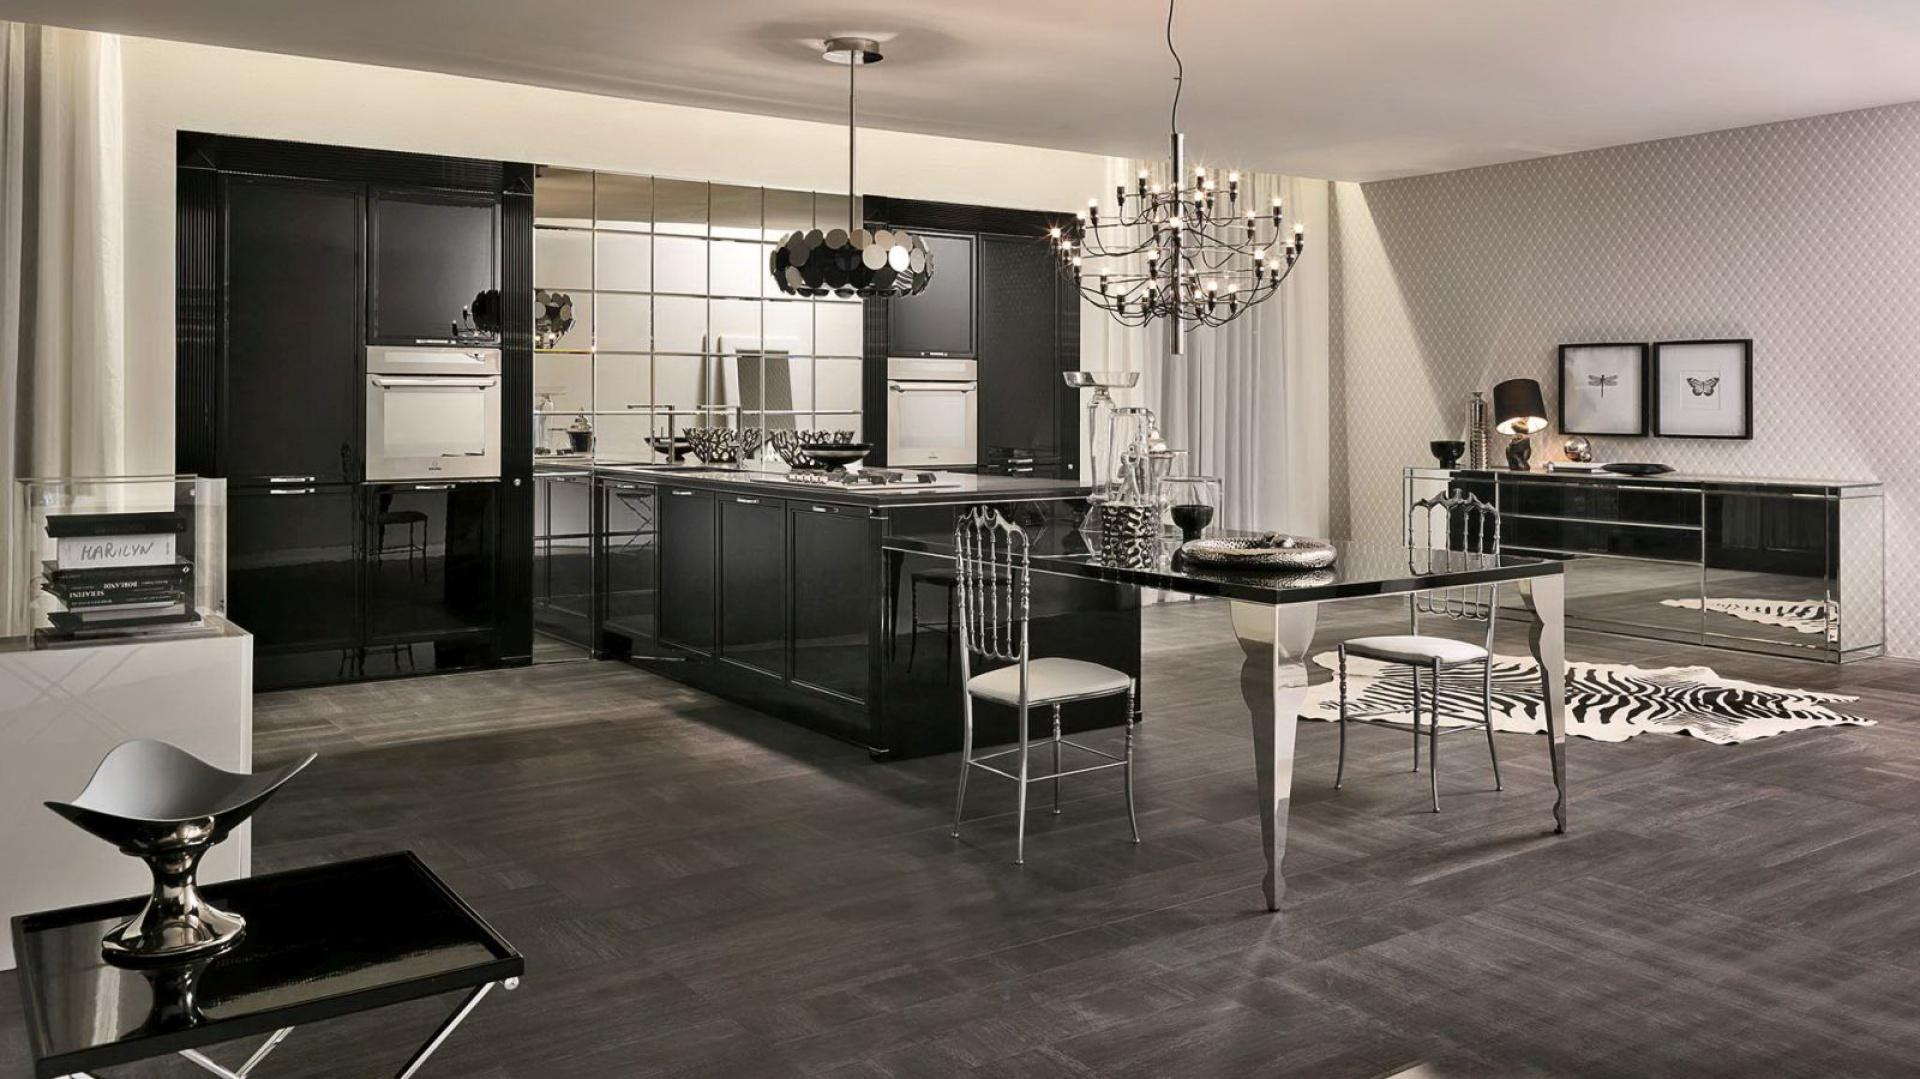 Kuchnia luxury glam fot meble kuchenne zobacz ekskluzywne w oskie kuchnie na wymiar - Aster cucine spa ...